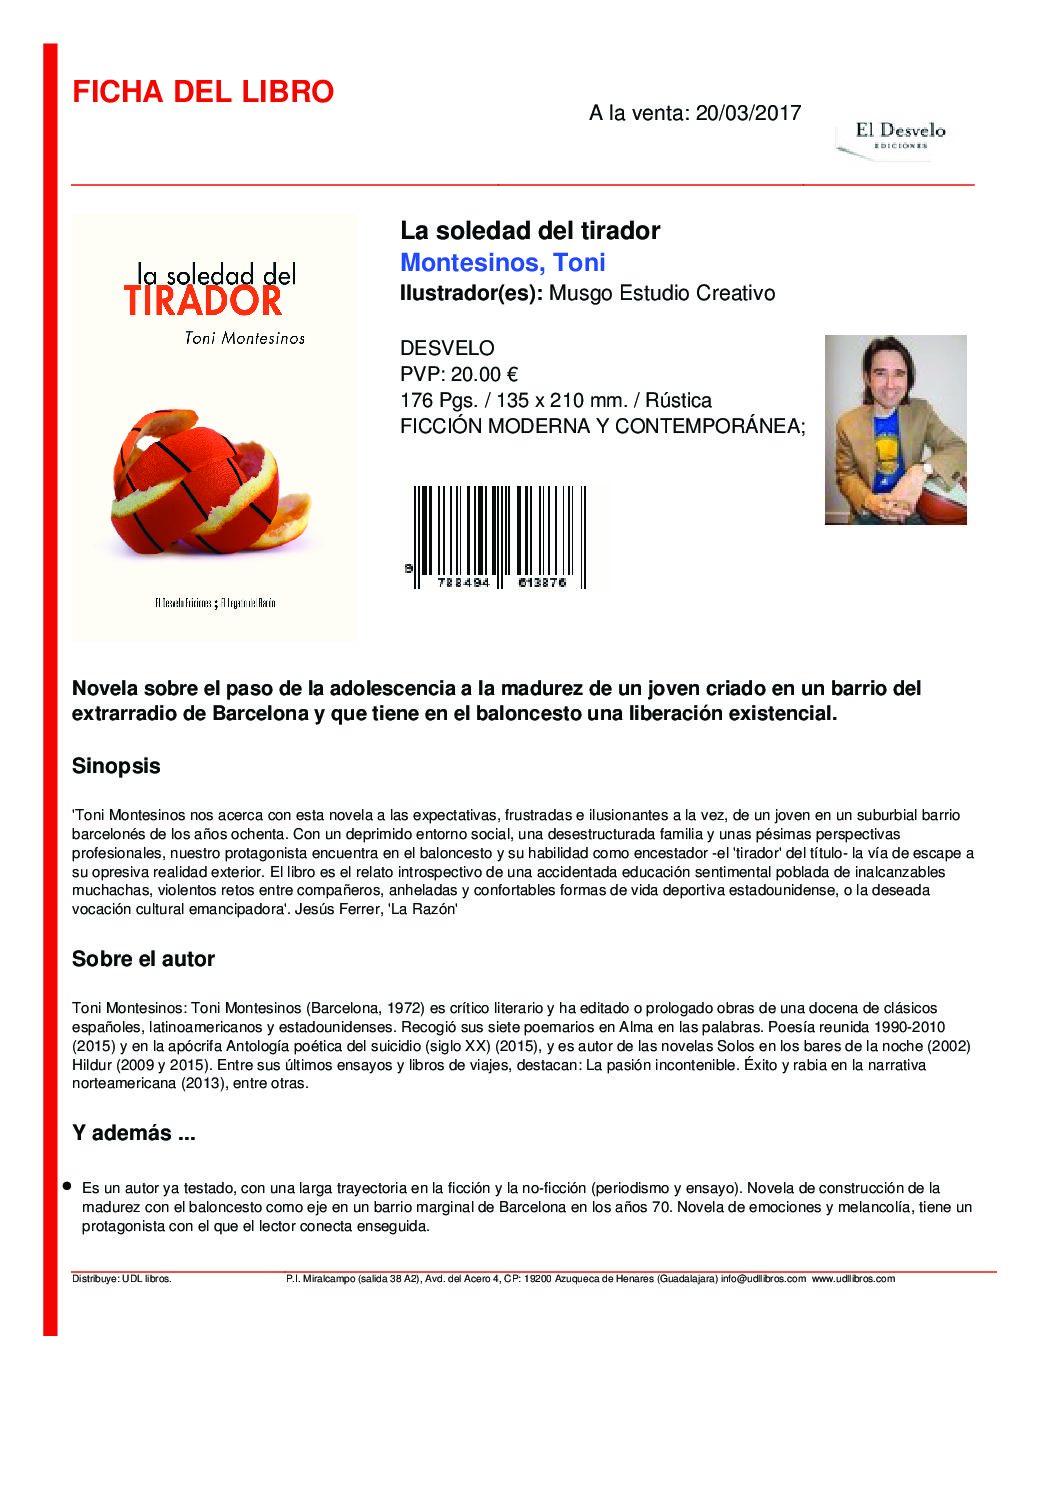 NUEVA PUBLICACIÓN DE TONI MONTESINOS